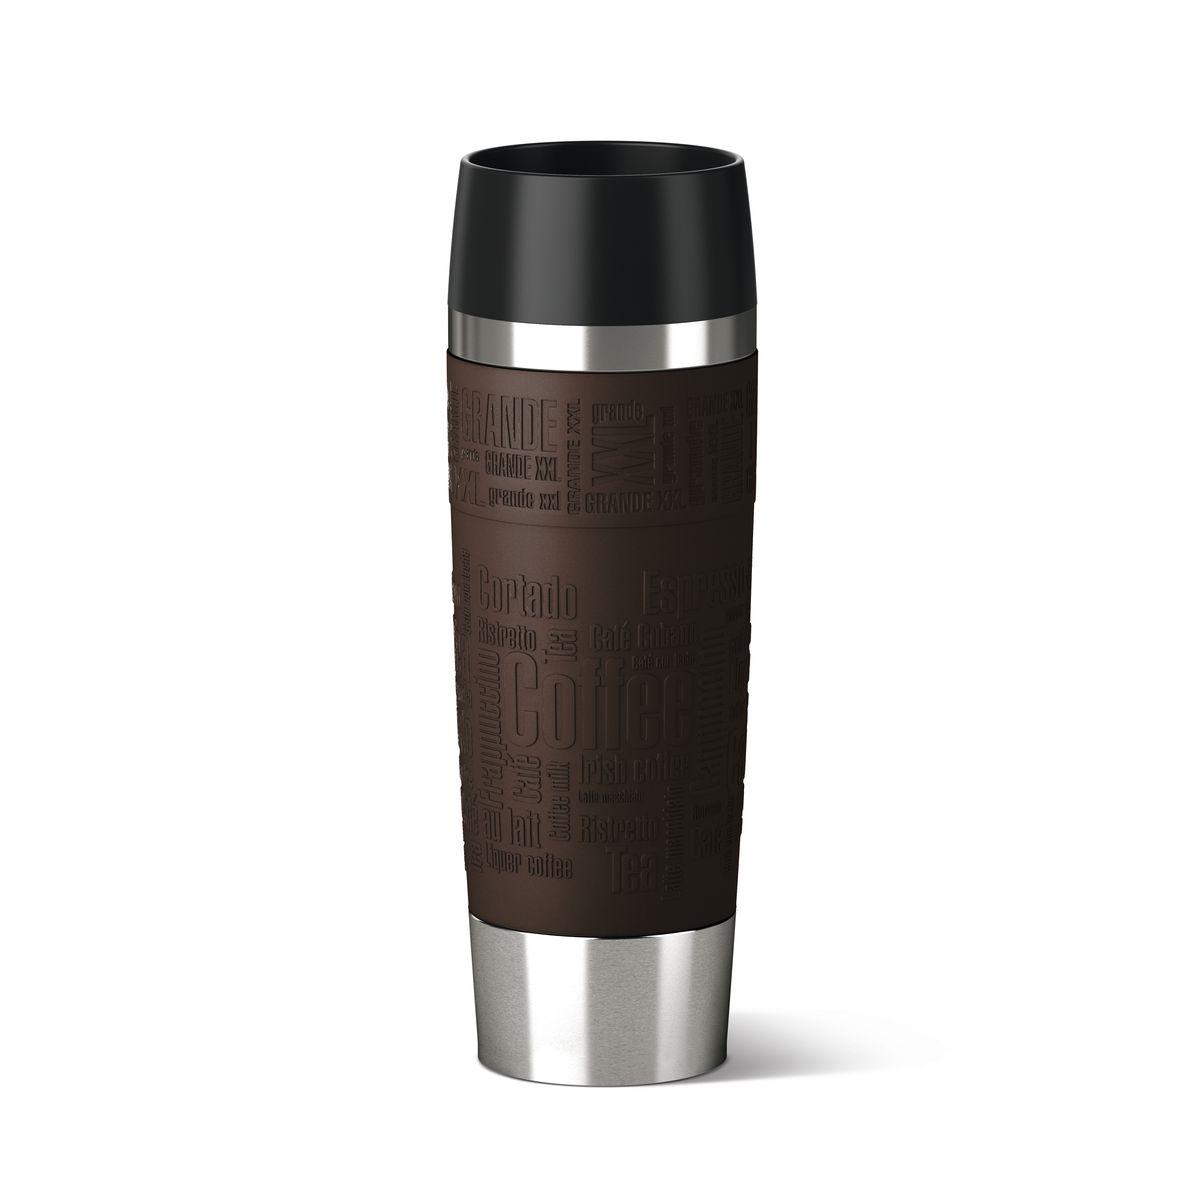 Термокружка Emsa Travel Mug Grande, цвет: коричневый, стальной, 500 мл515616Термокружка Emsa Travel Mug Grande - это идеальный попутчик в дороге - не важно, по пути ли на работу, в школу или во время похода по магазинам. Вакуумная кружка на 100 % герметична. Кружка имеет двустенную вакуумную колбу из нержавеющей стали, благодаря чему температура жидкости сохраняется долгое время. Кружку удобно держать благодаря покрытию Soft Touch из силикона. Изделие открывается нажатием кнопки. Пробка разбирается и превосходно моется. Дно кружки выполнено из силикона, что препятствует скольжению.Диаметр кружки по верхнему краю: 7,5 см.Диаметр дна кружки: 6,5 см.Высота кружки: 24 см.Сохранение холодной температуры: 12 ч.Сохранение горячей температуры: 6 ч.